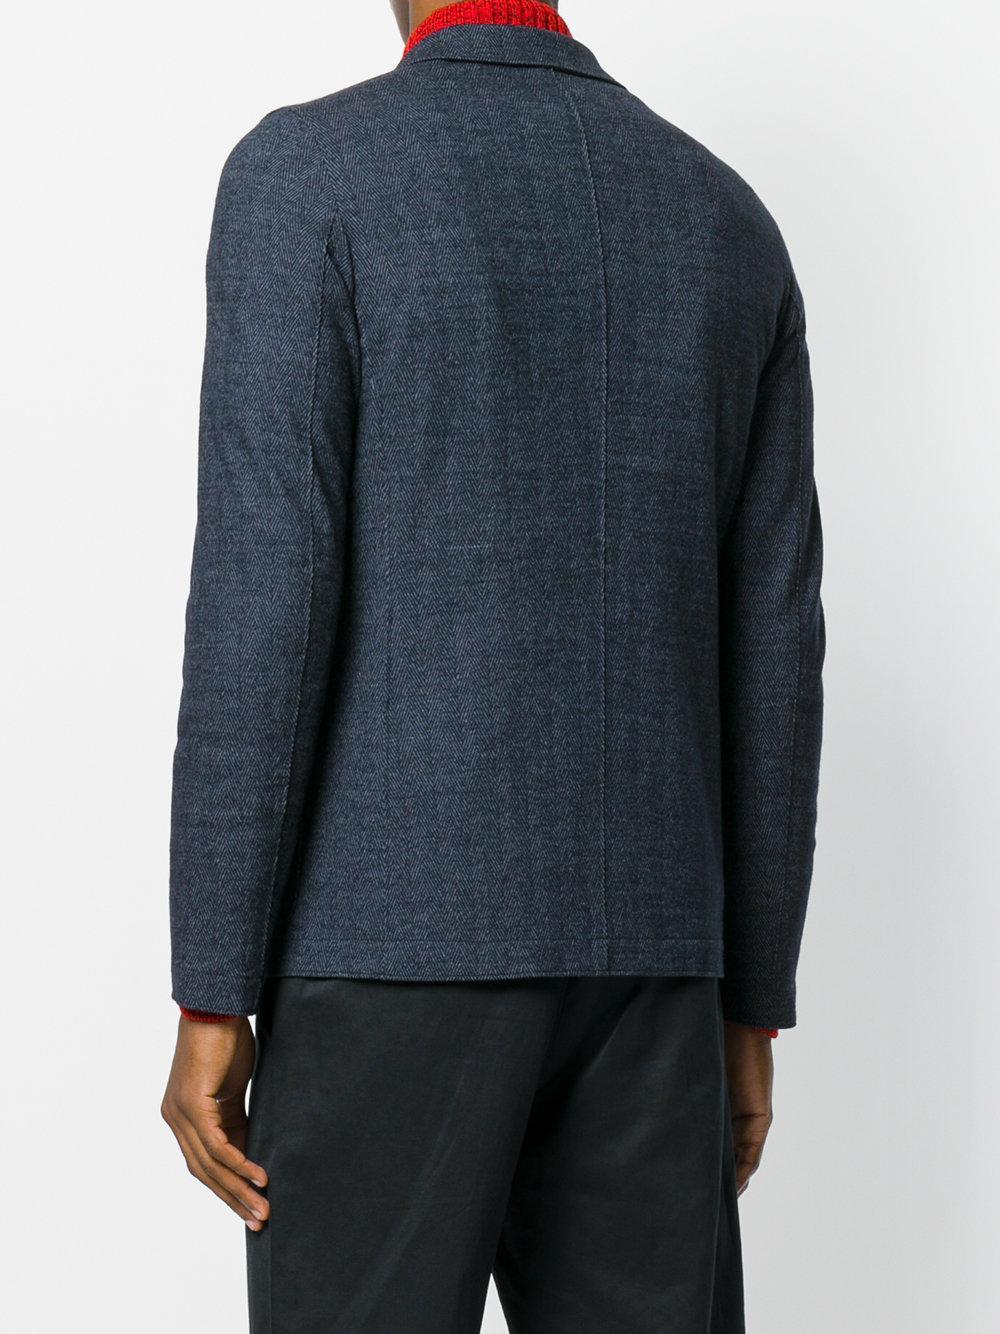 Harris Wharf London Wool Patch Pocket Blazer in Blue for Men